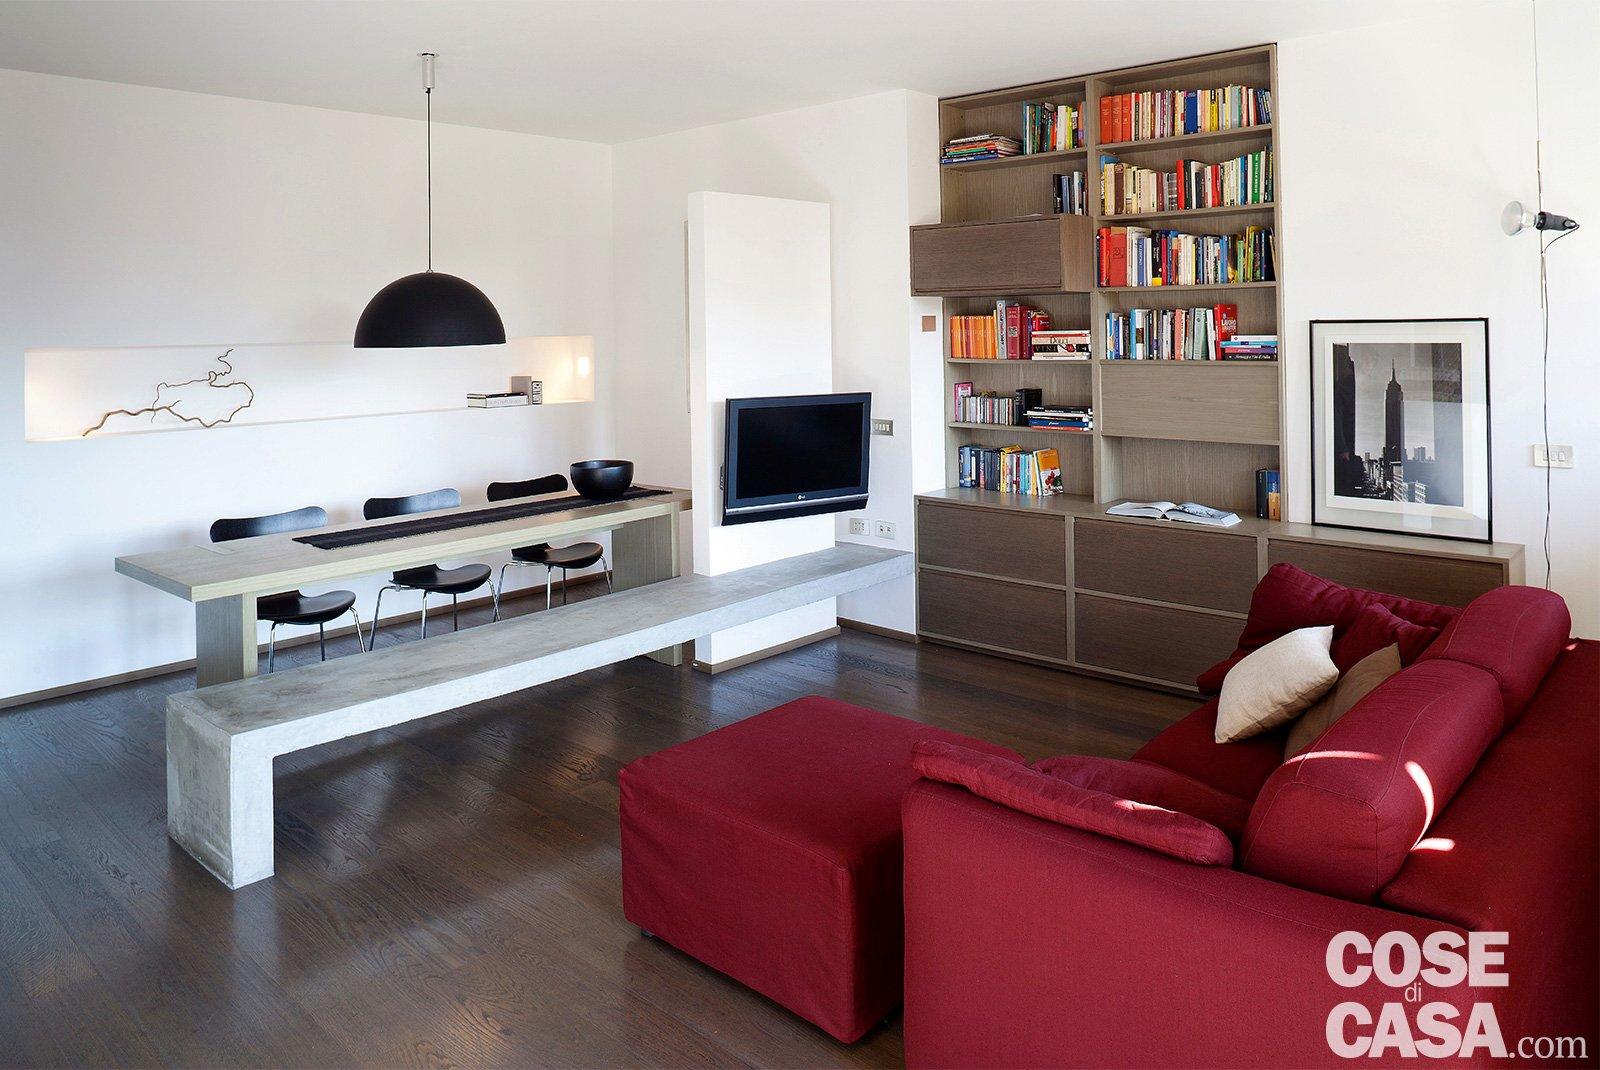 Come Arredare Una Cameretta Rettangolare una casa di 65 mq con volumi funzionali e originali quinte